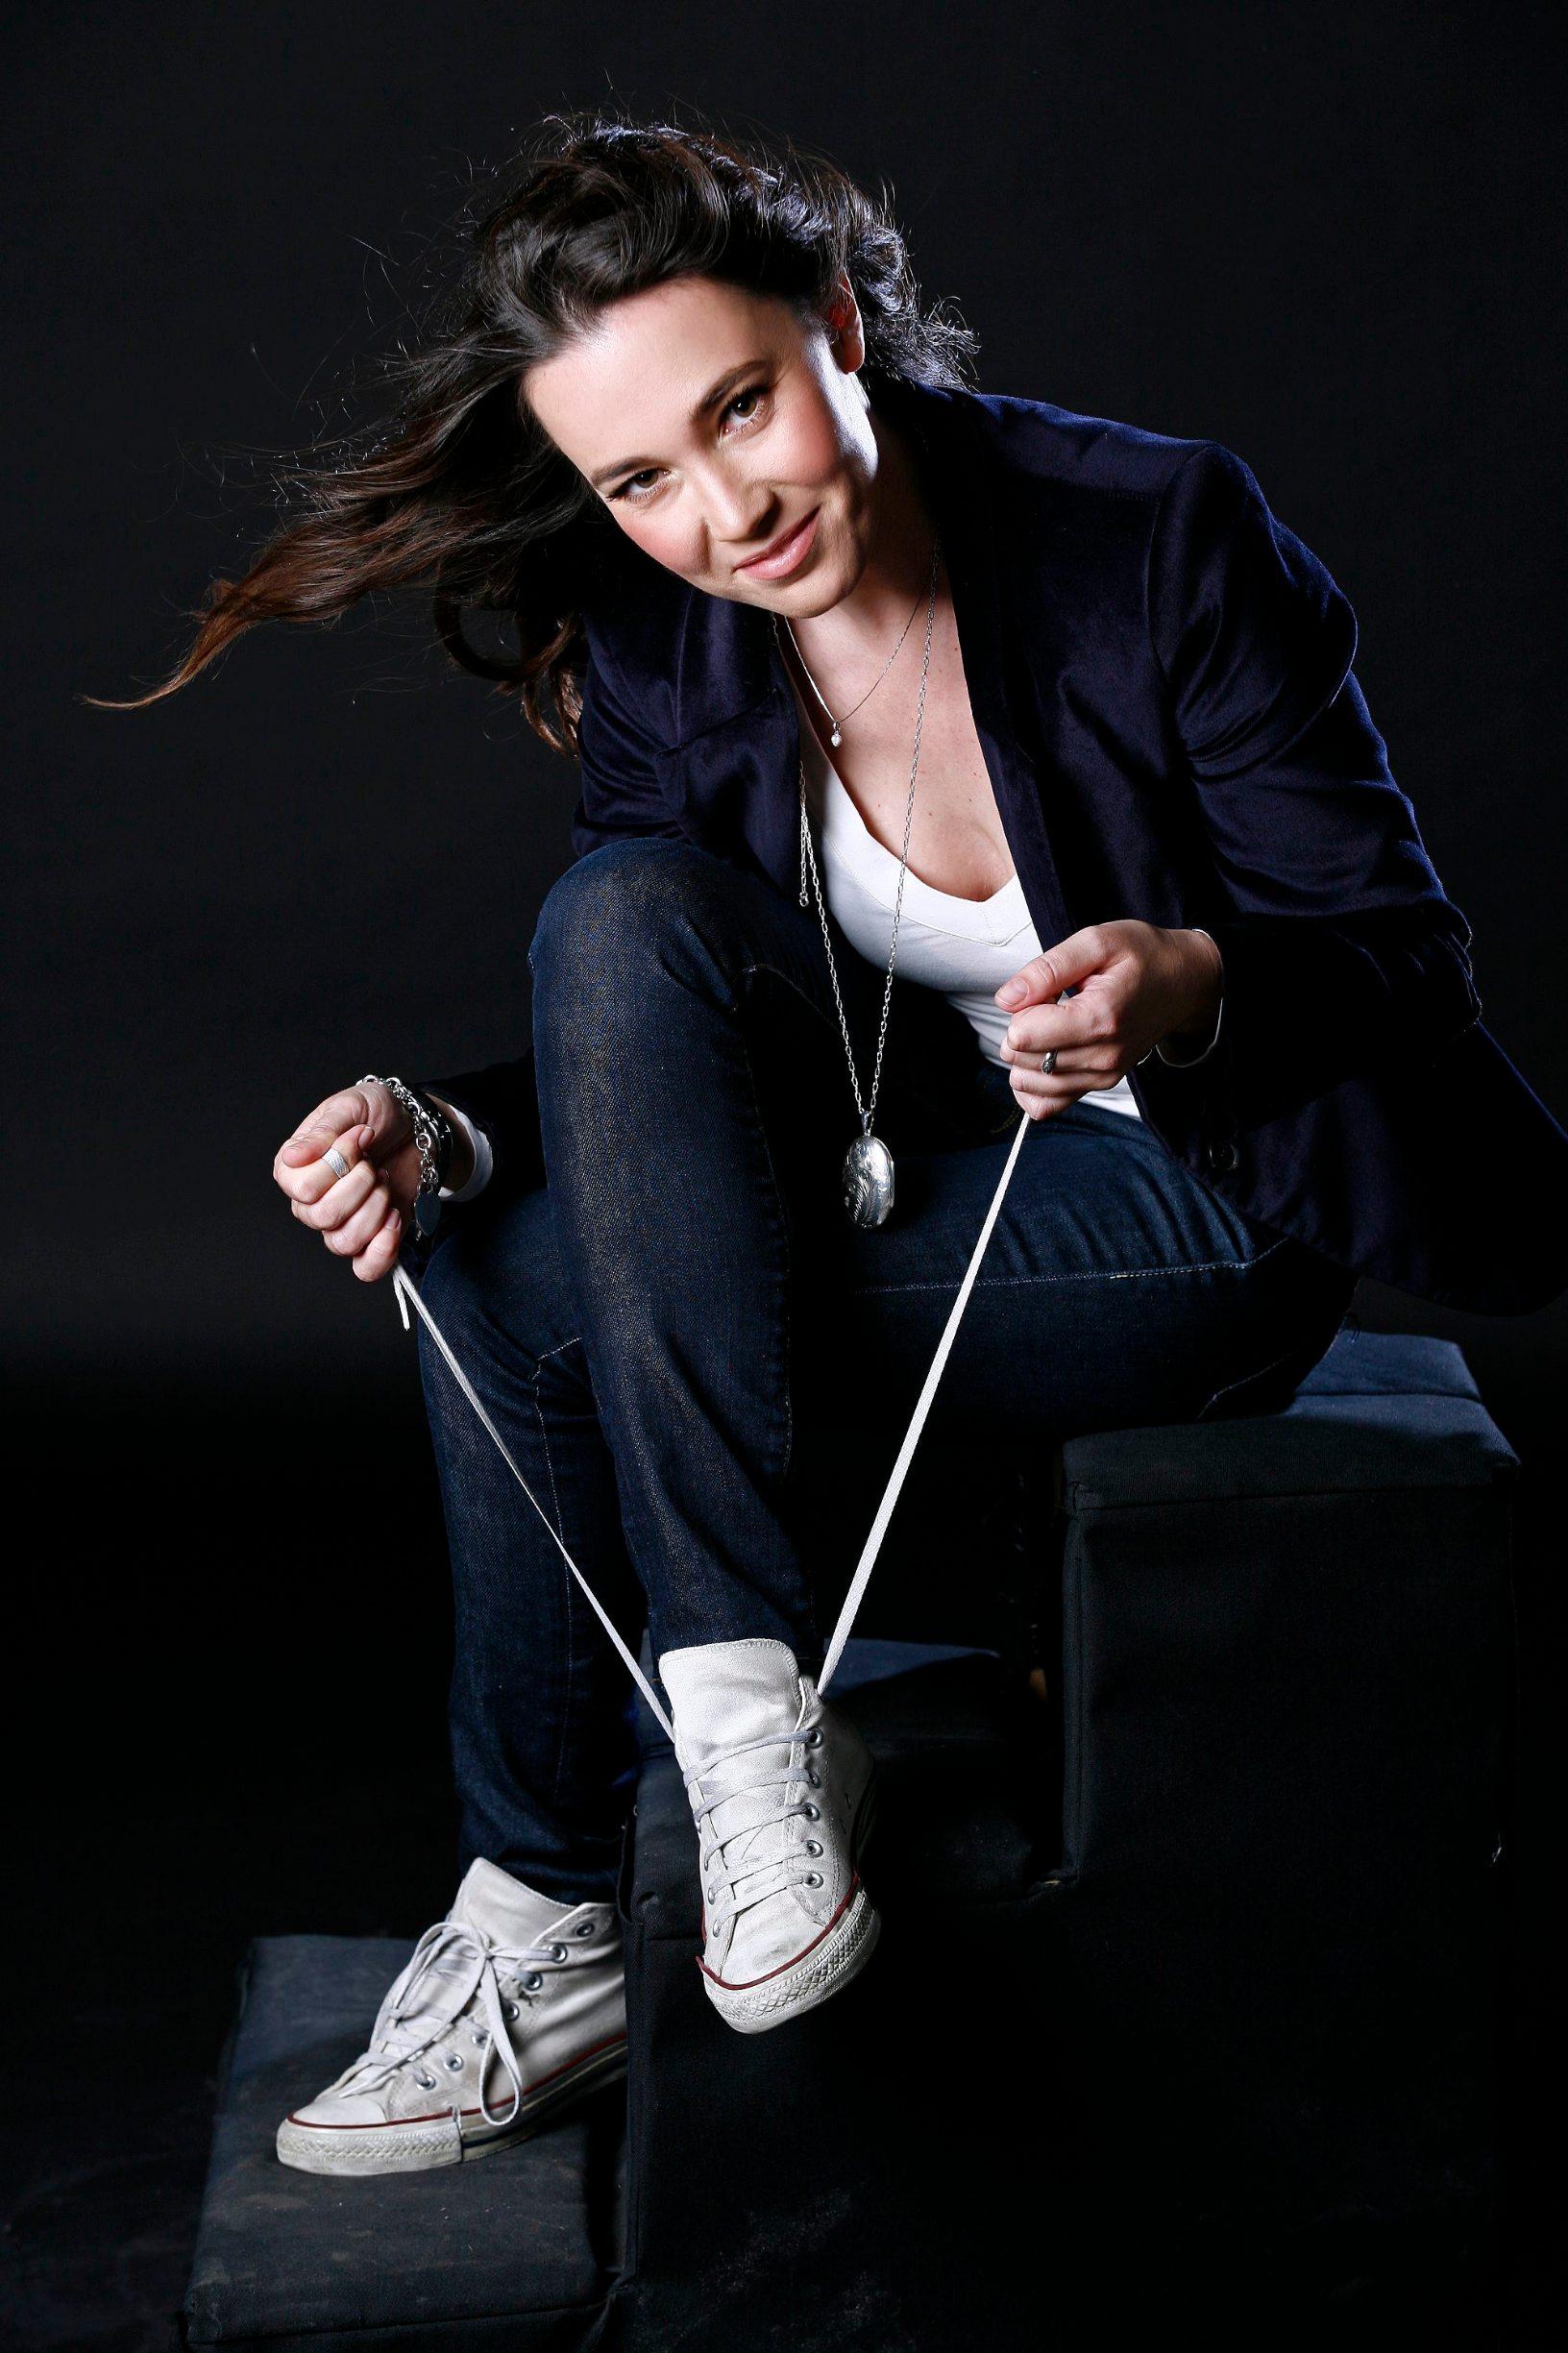 Zagreb, 280910. Na slici: Pjevacica i kantautorica Lea Dekleva snimljena u studiju EPH. Foto: Neja Markicevic / CROPIX